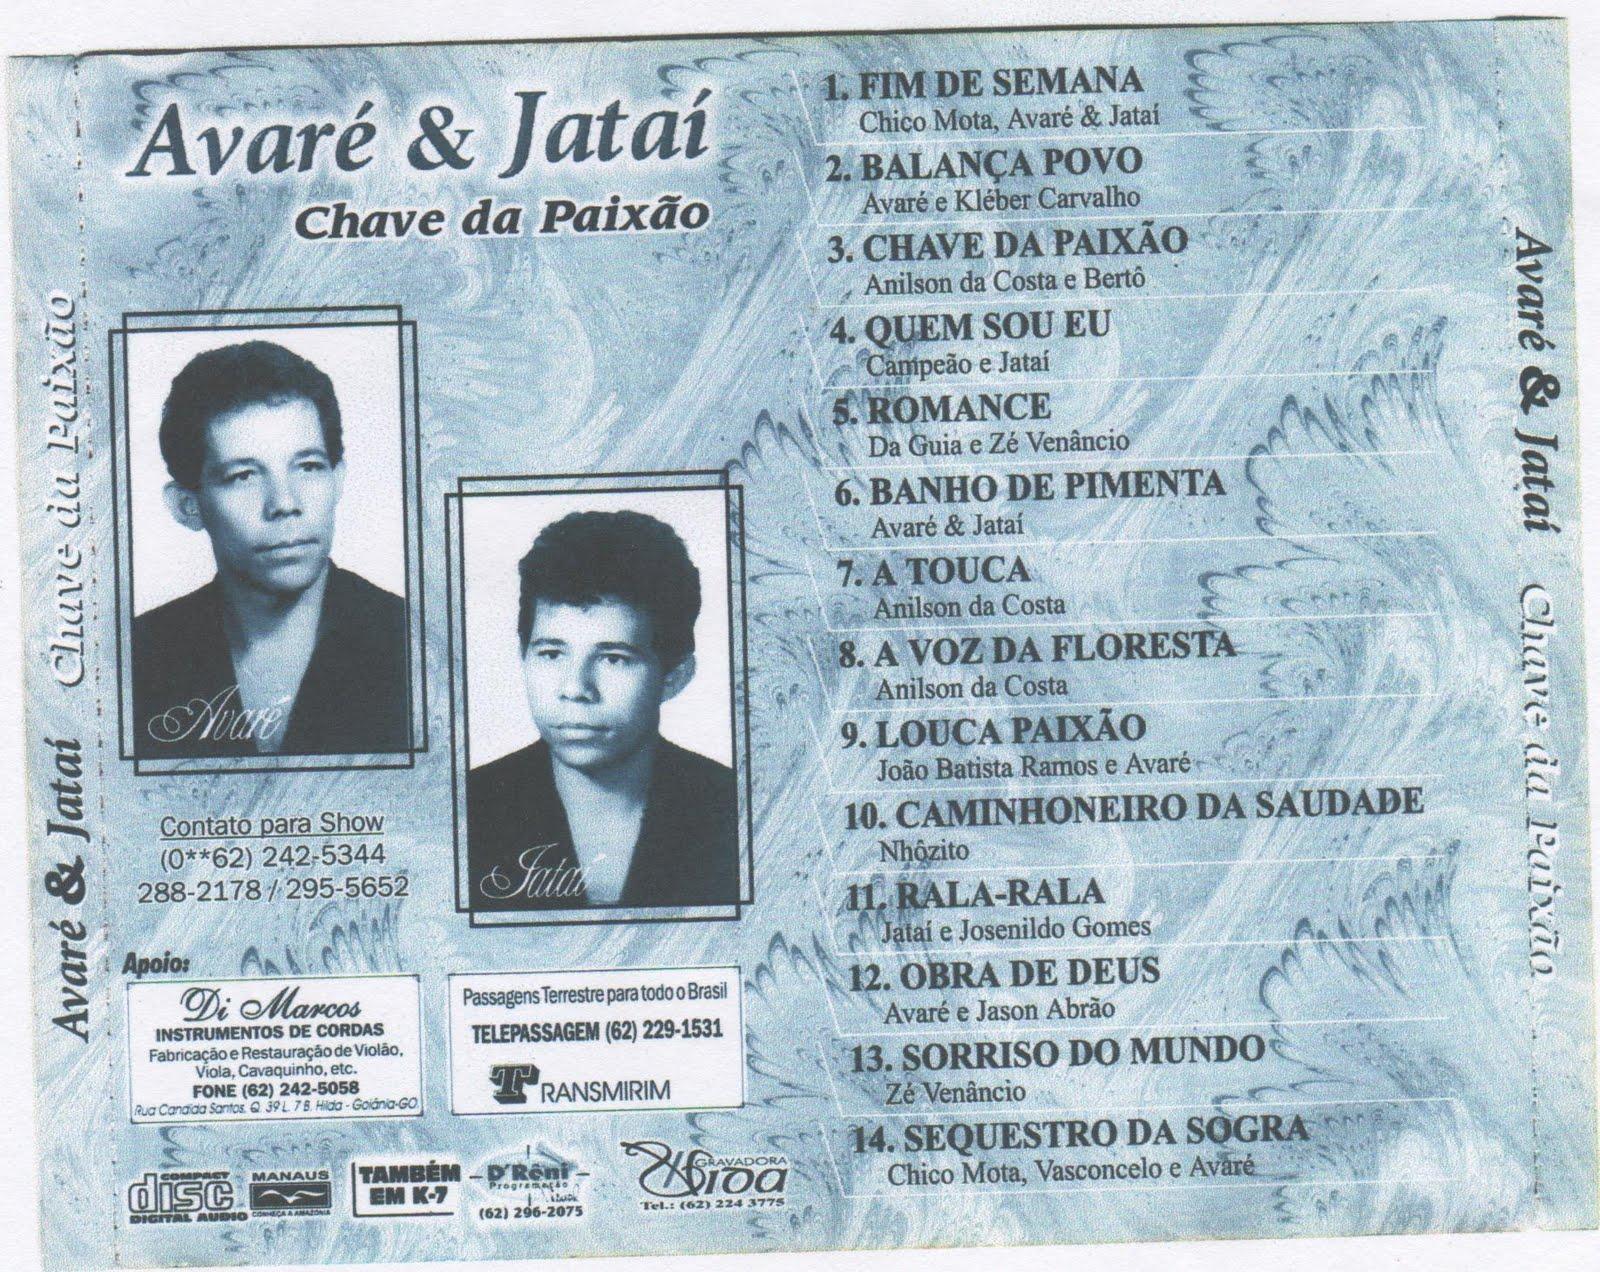 DE AVARE JATAI GRÁTIS E CD DOWNLOAD